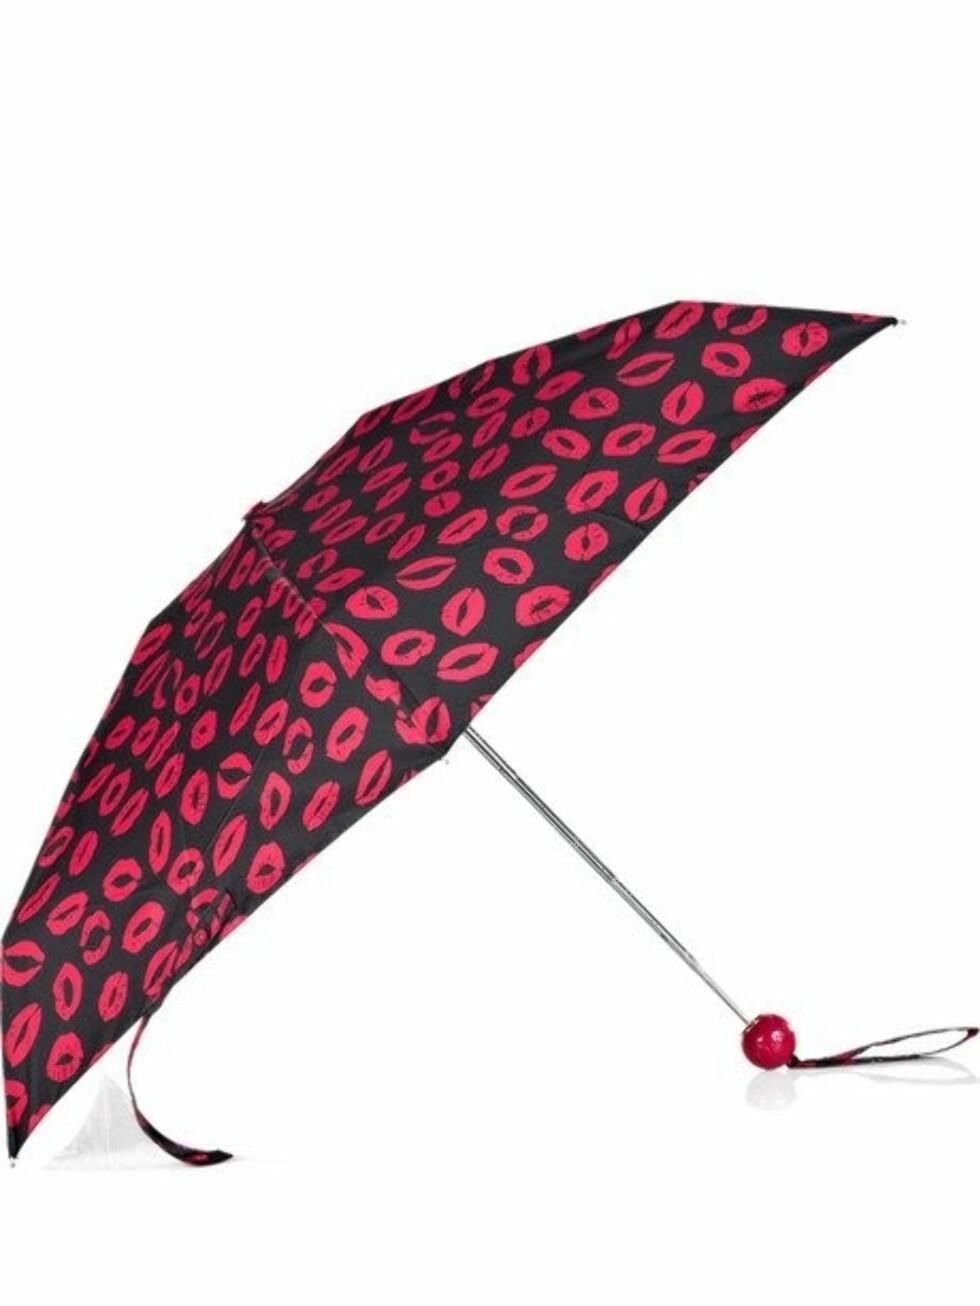 Denne må jo bare matches med røde lepper! (ca kr 344, Marc by Marc Jacobs/Net-a-porter.com).